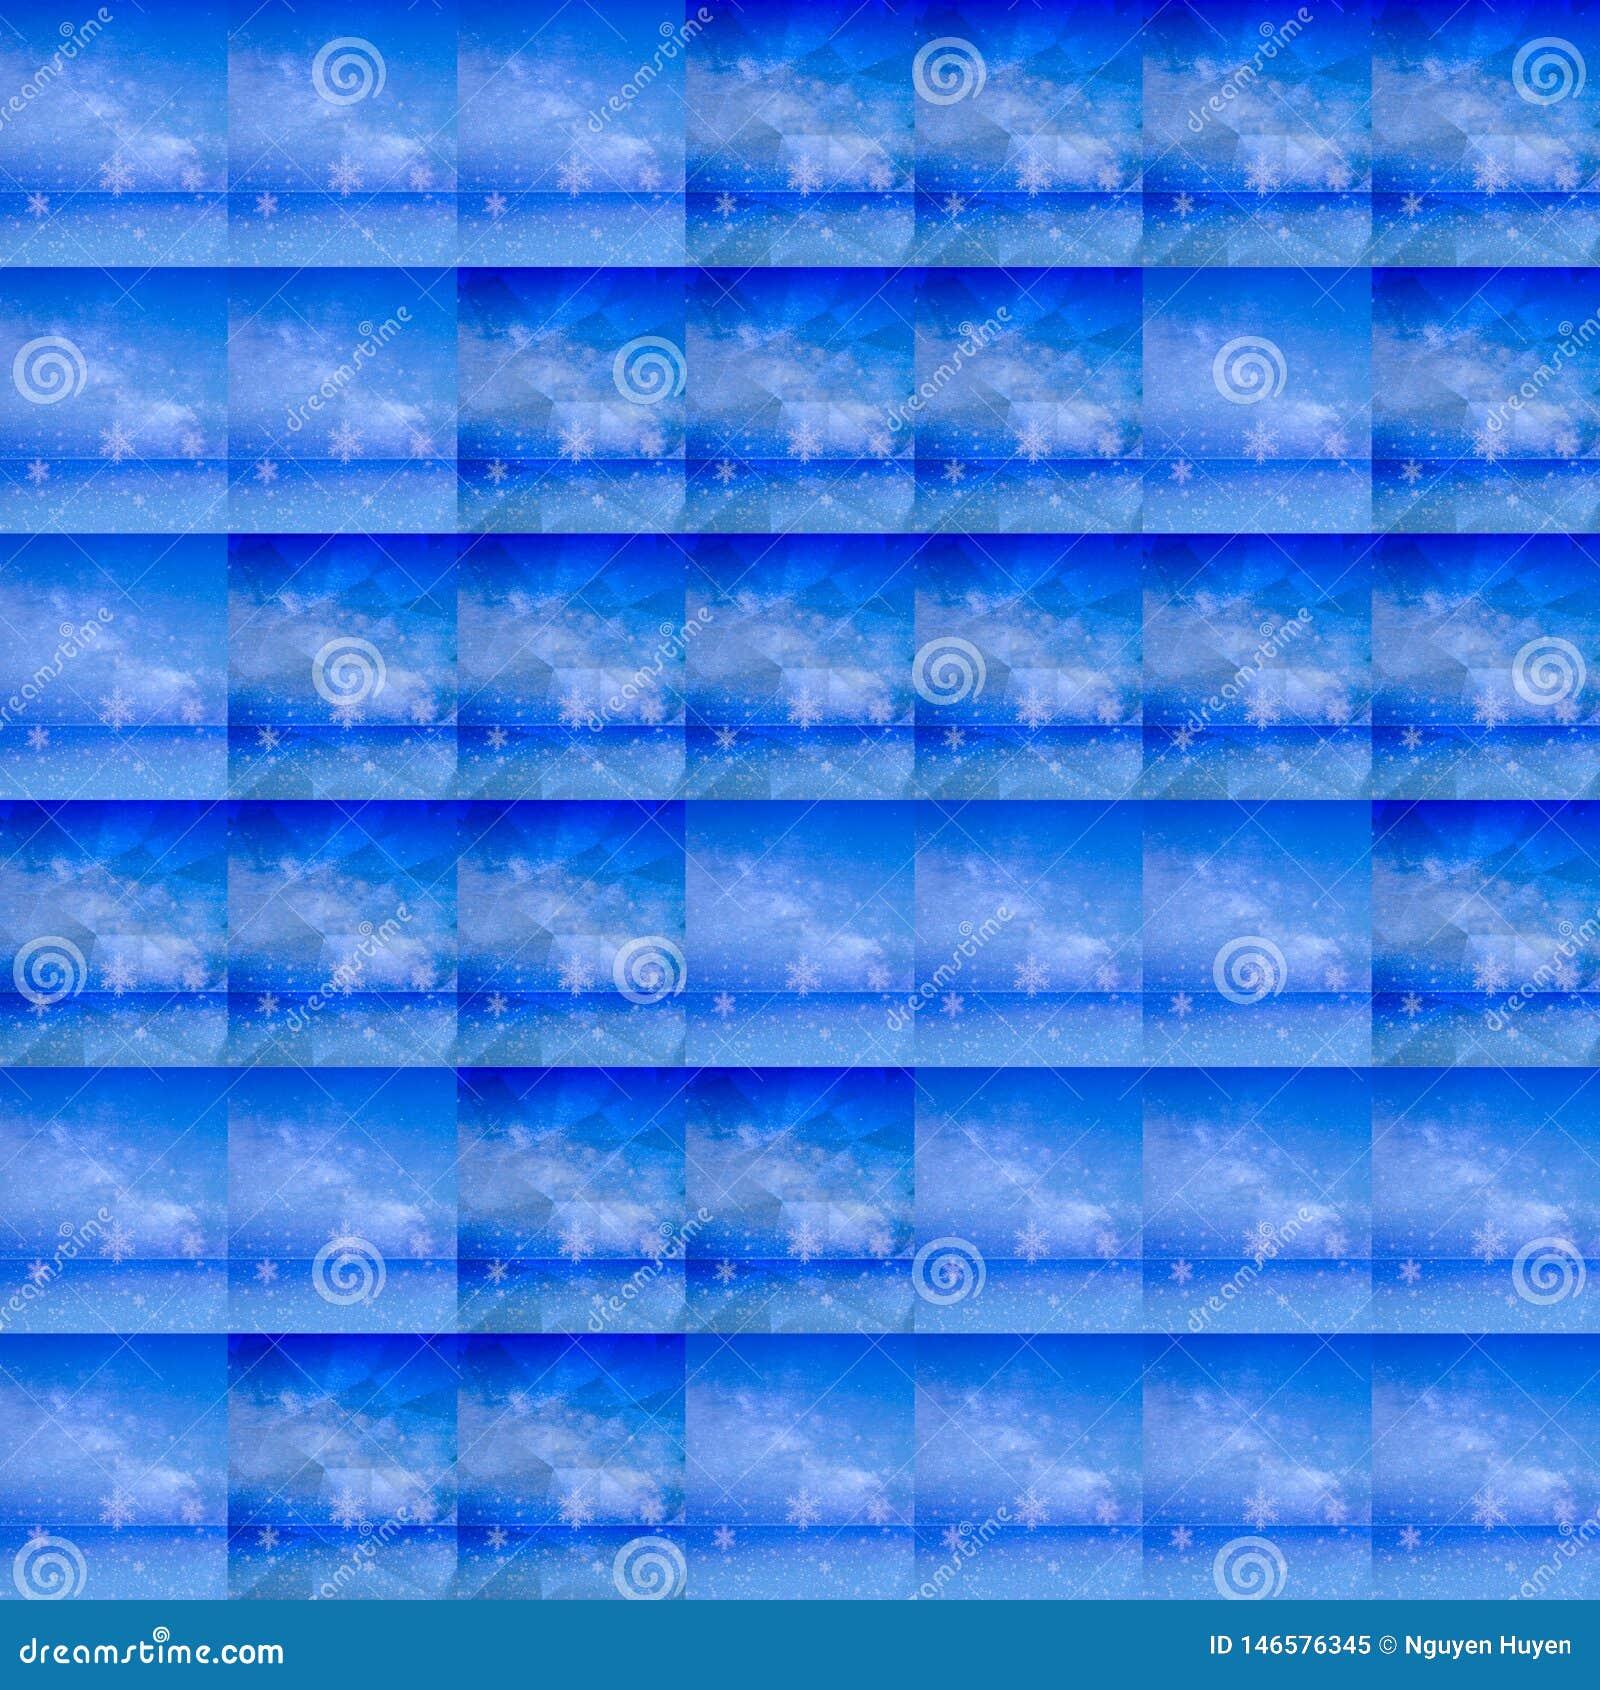 Симуляции предпосылки льда с цвета лед клетками решетки, мягкой синью